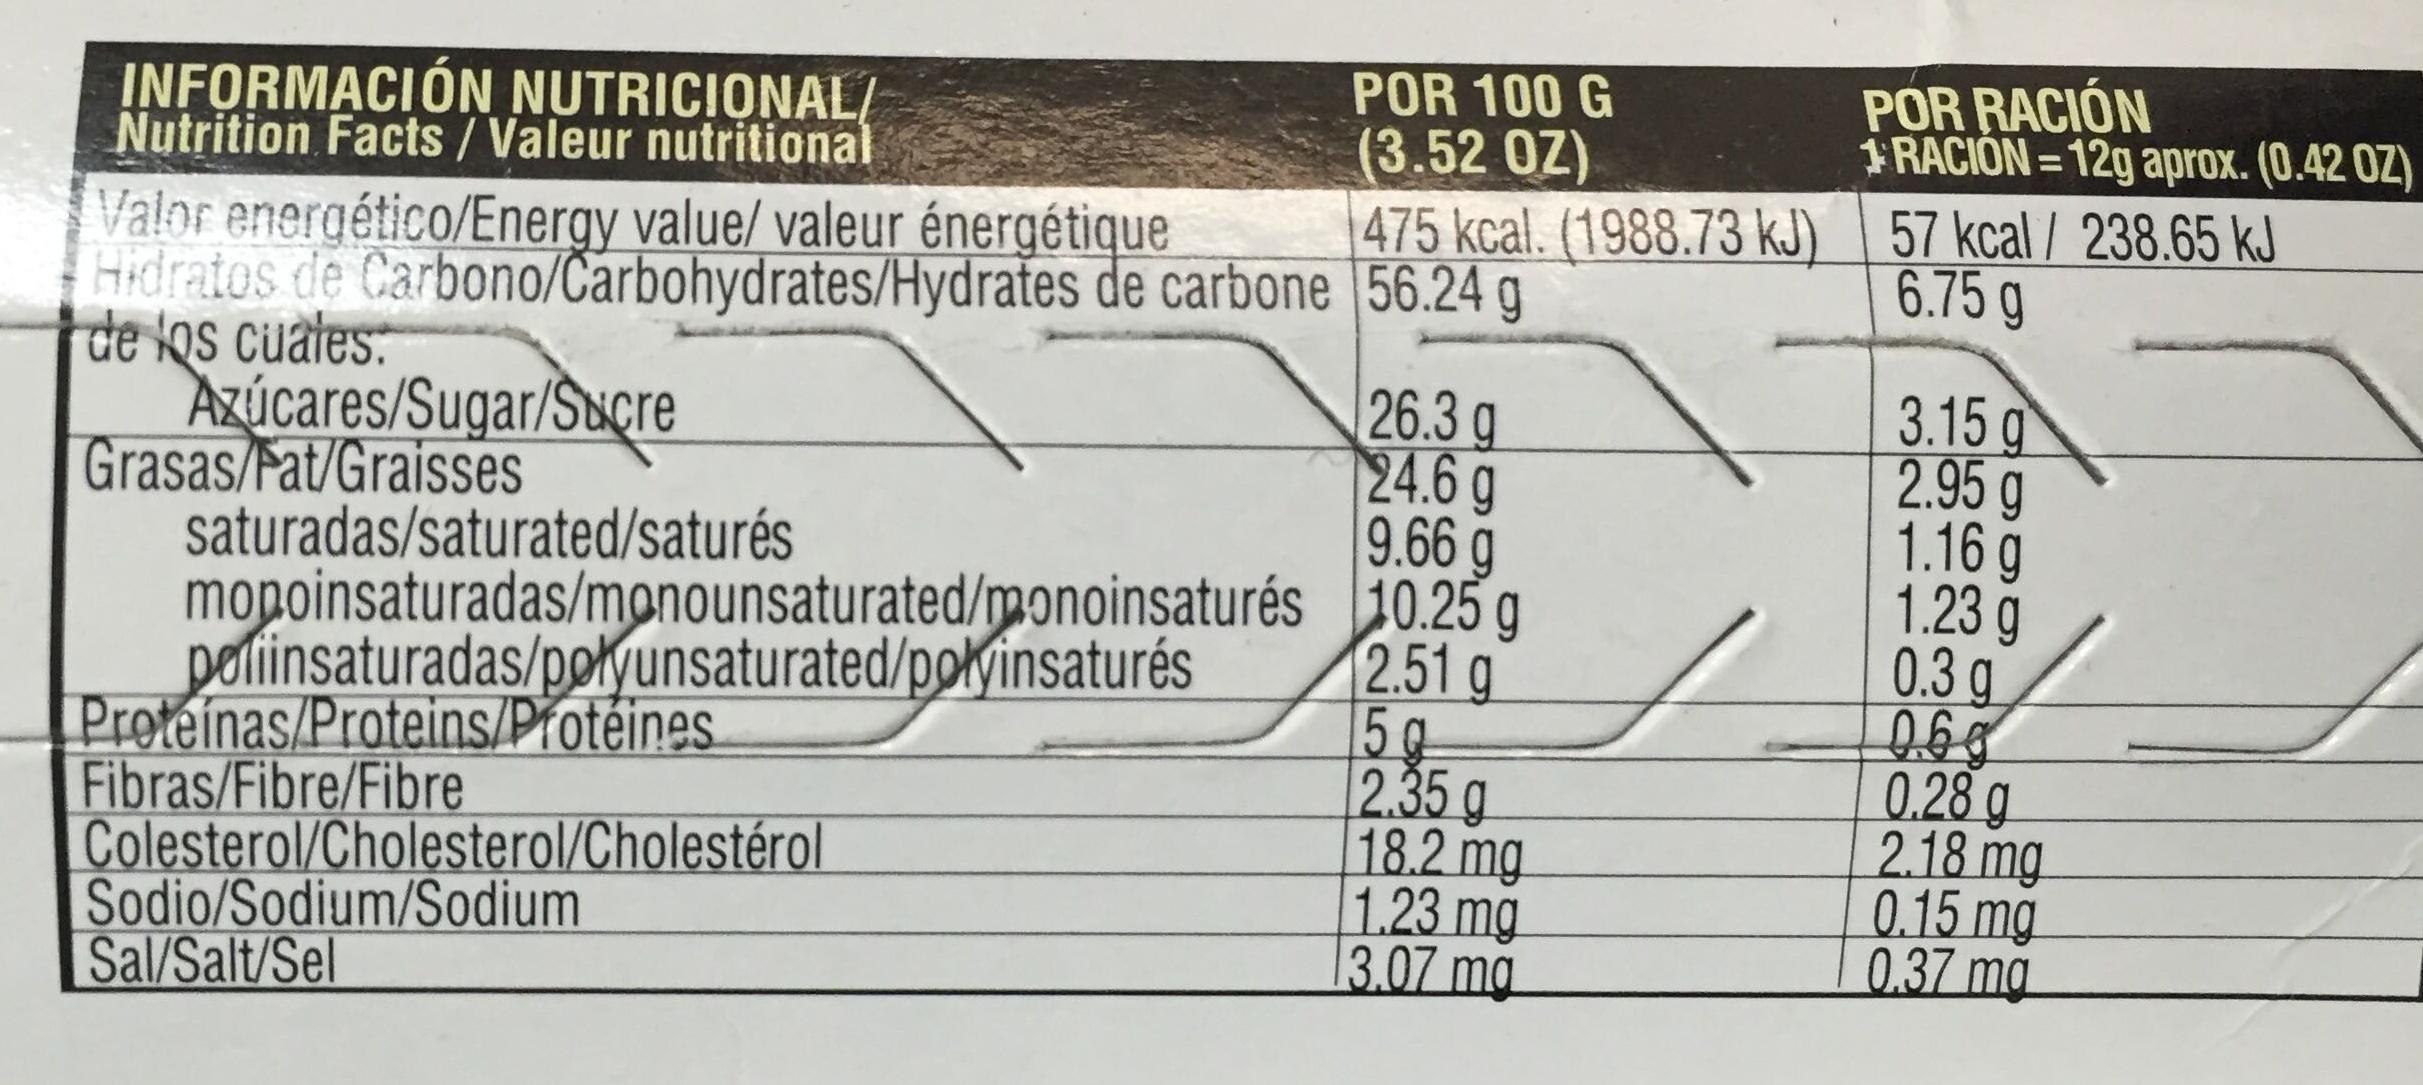 Biscuits de canela - Nutrition facts - fr